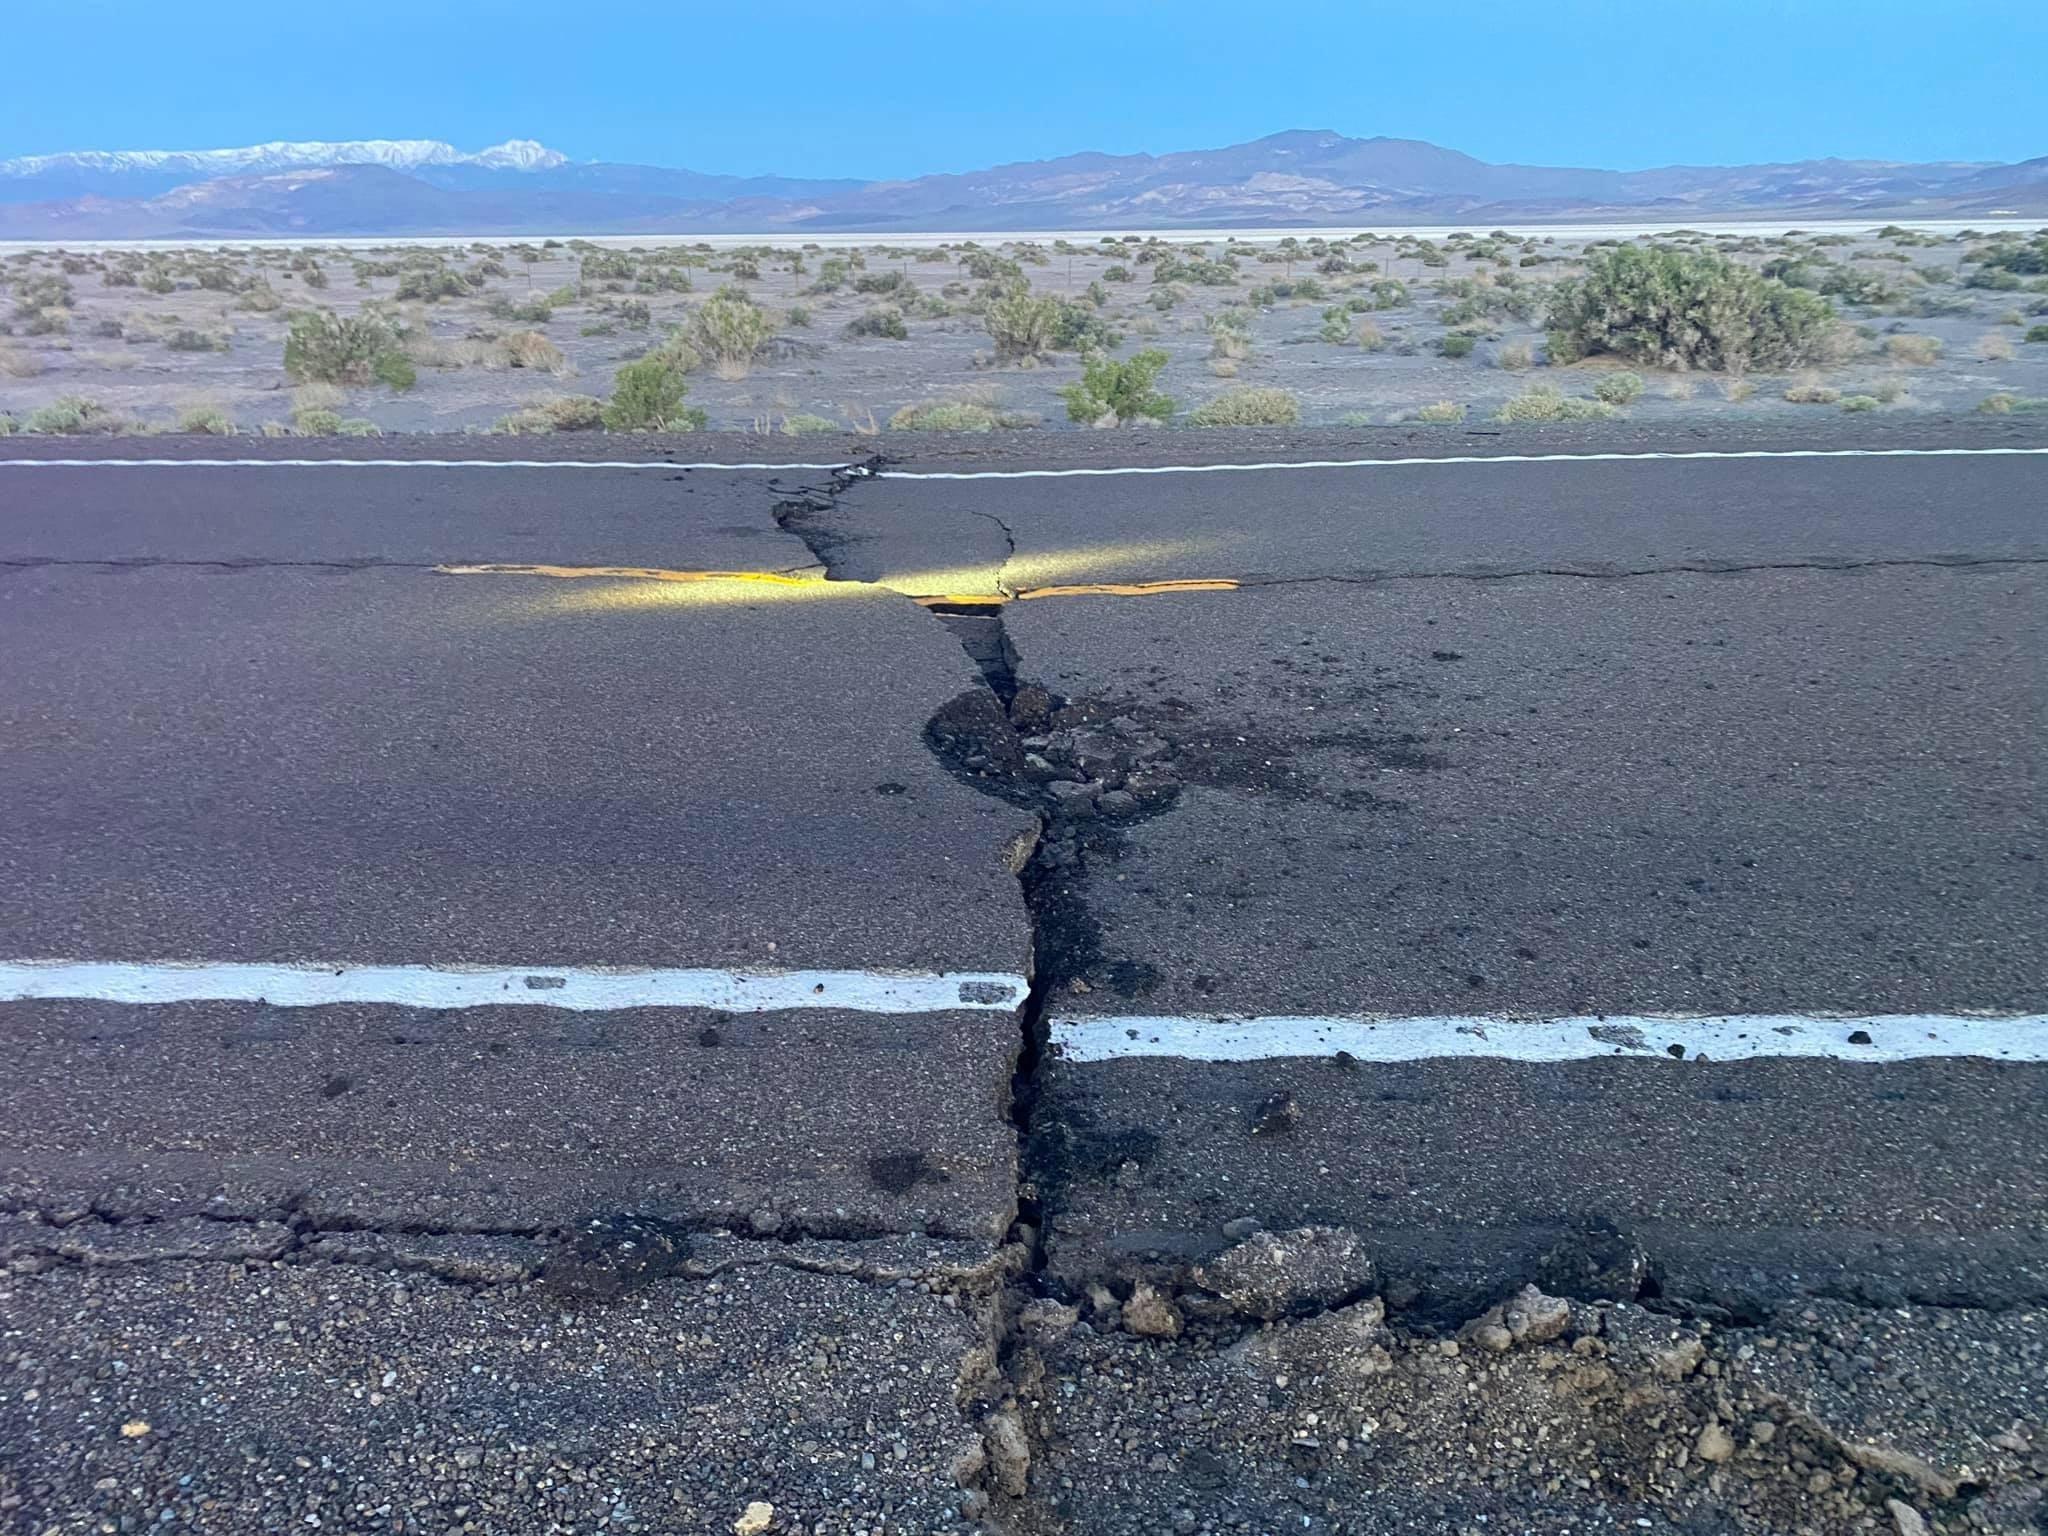 زلزال بقوة 6.4 درجة يضرب ولاية نيفادا الأميركية